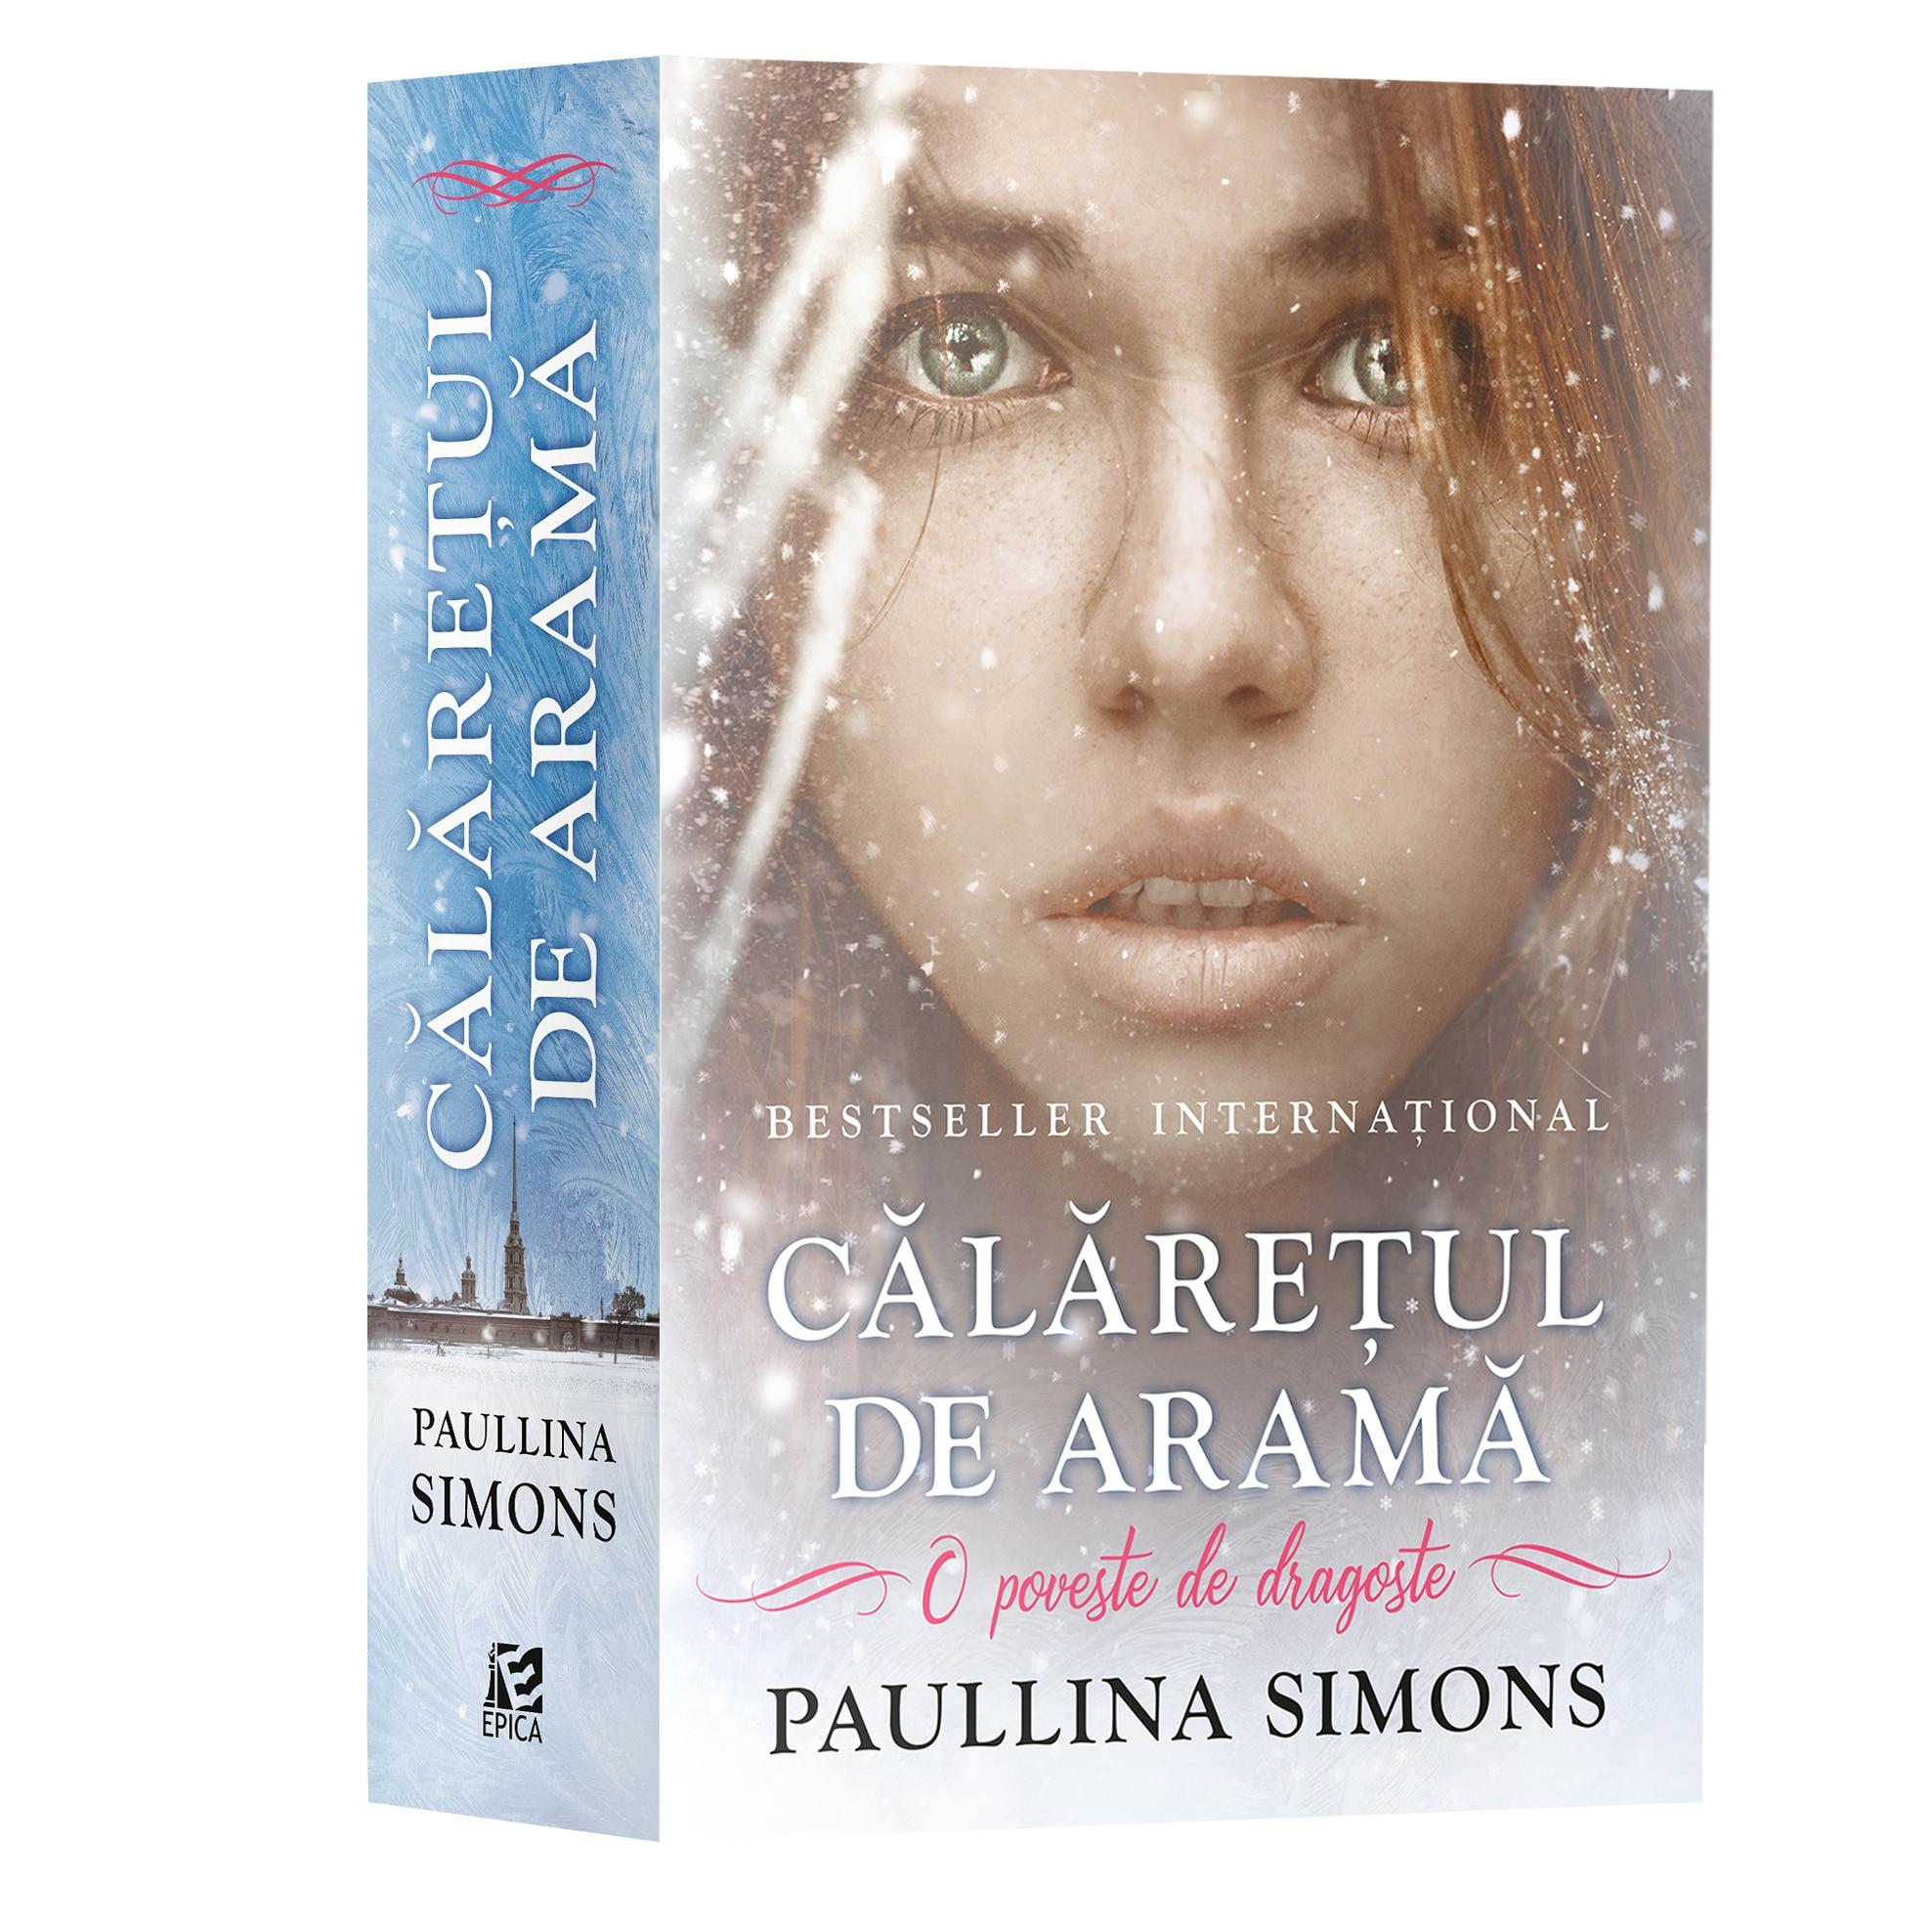 Calaretul de arama - carte de Paullina Simons - eMAG.ro